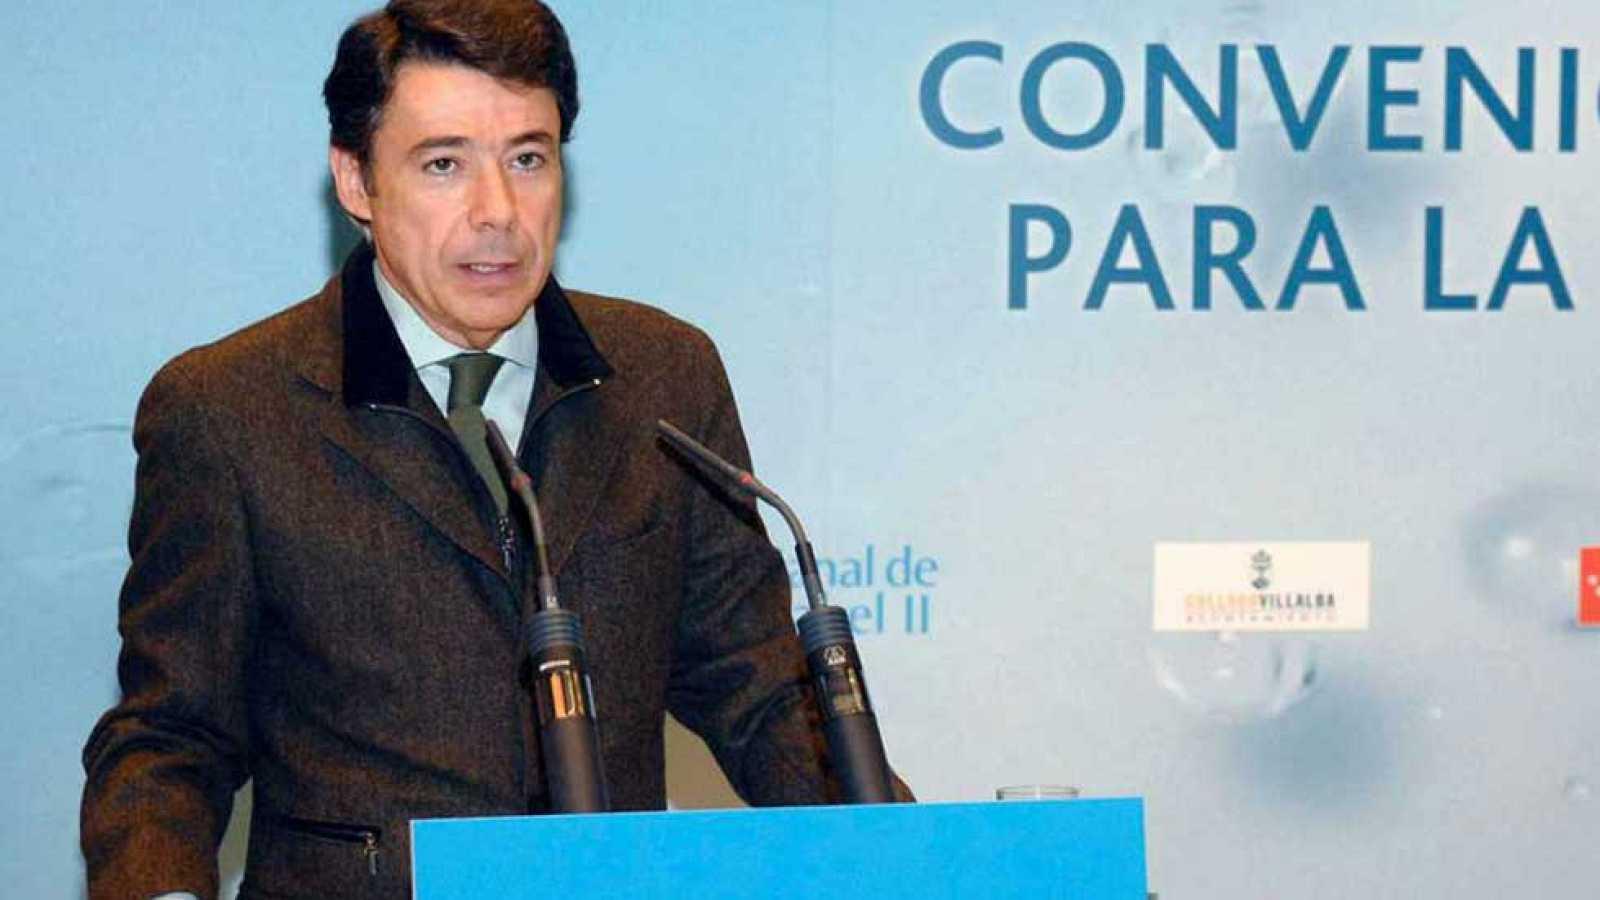 El Canal de Isabel II pagó a la trama Púnica para mejorar la imagen de Ignacio González, según el sumario